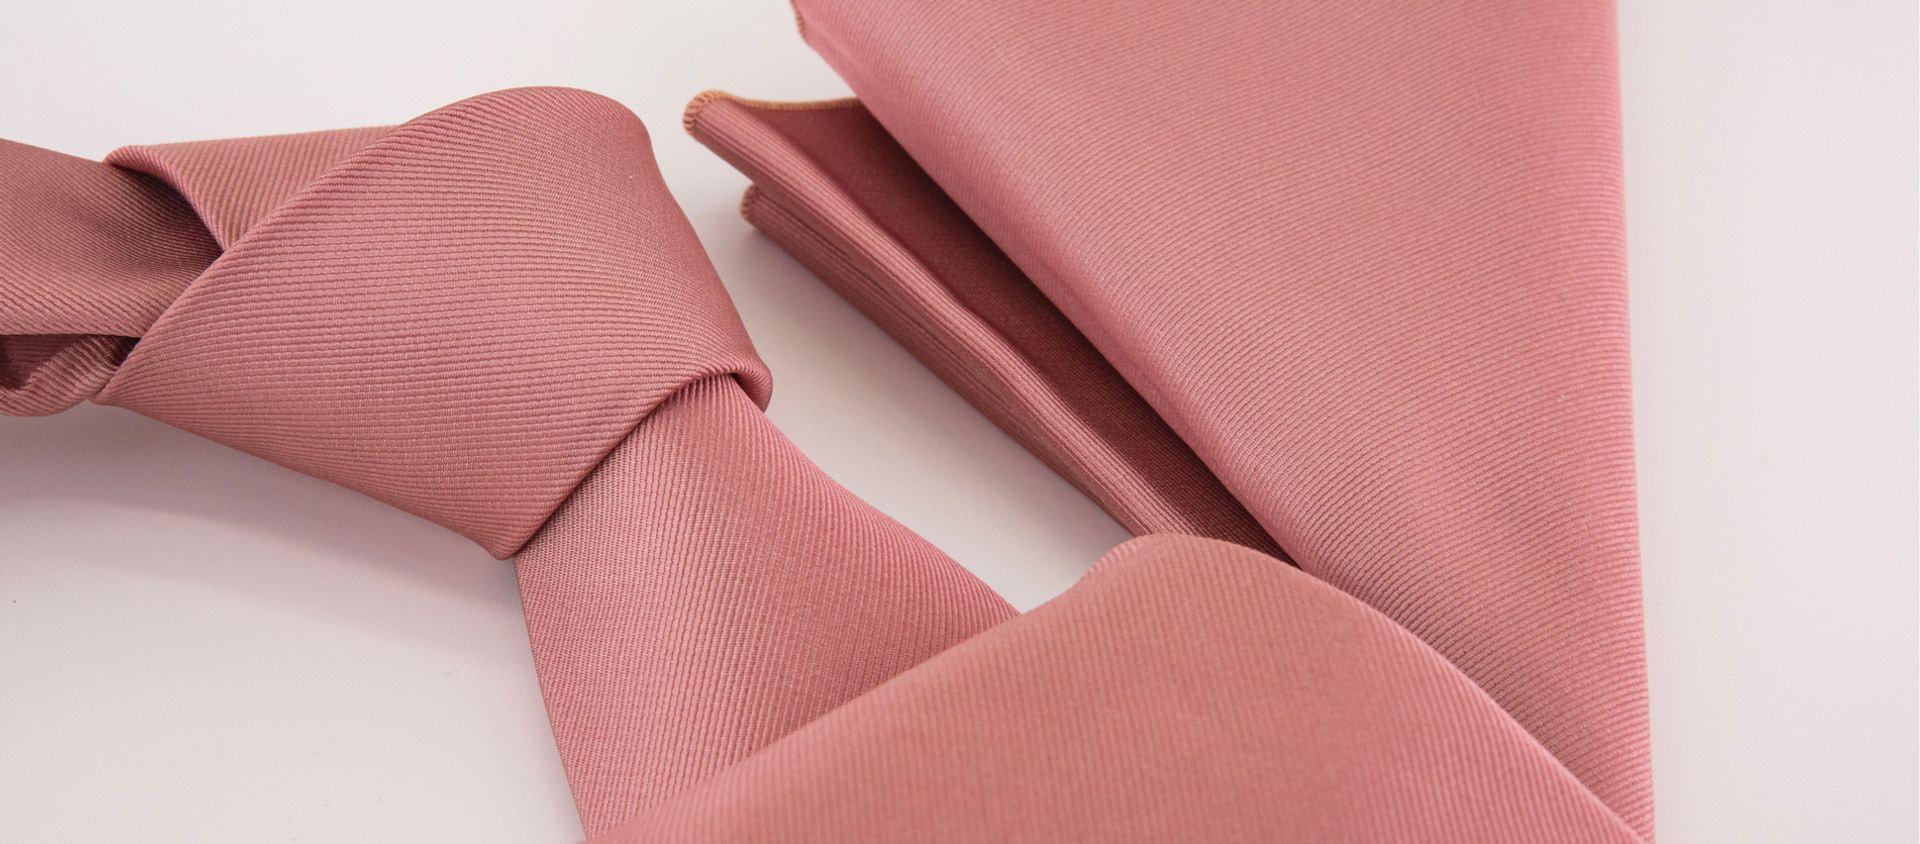 Cravatta rosa e fazzoletto da taschino